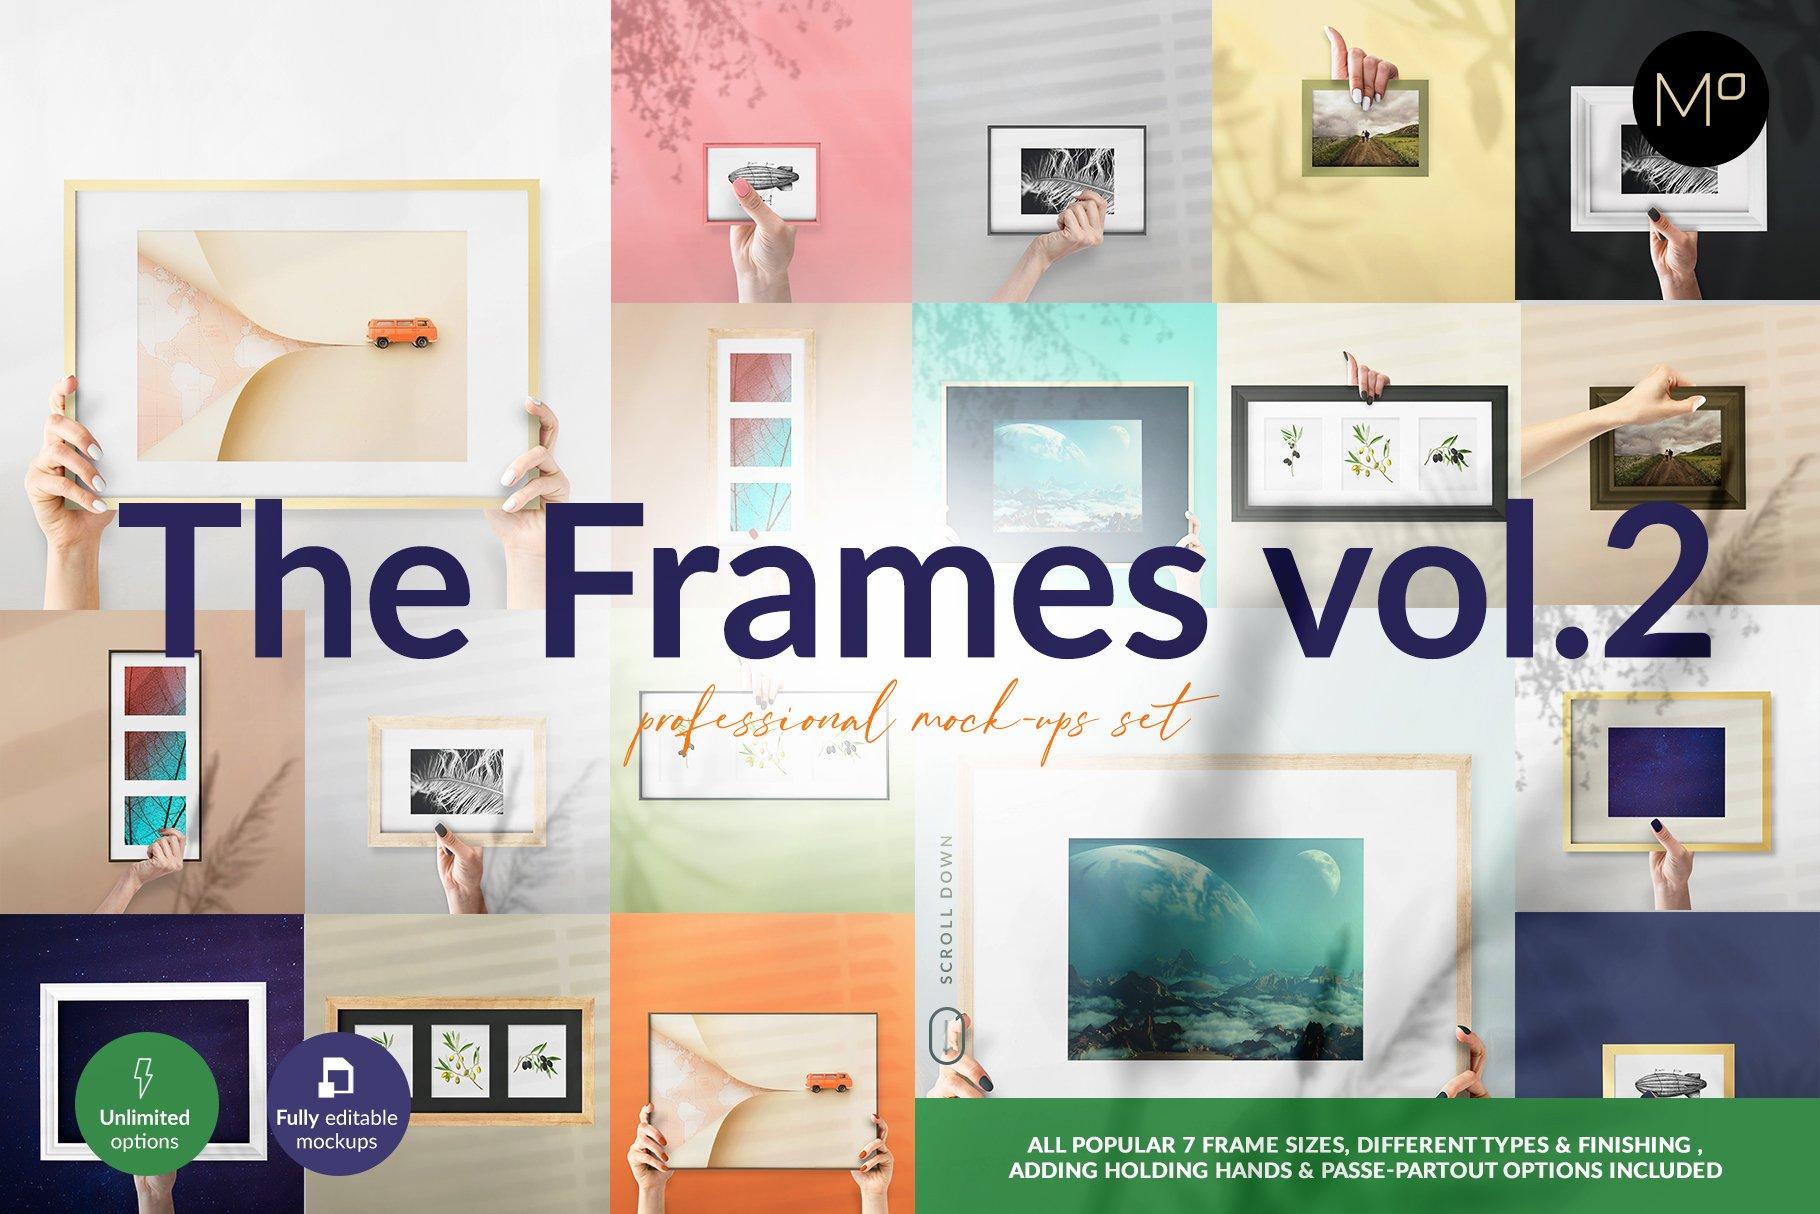 流行海报相片设计展示手持相框镜框PS贴图样机合集 The Frames vol.2 Mockups Set插图